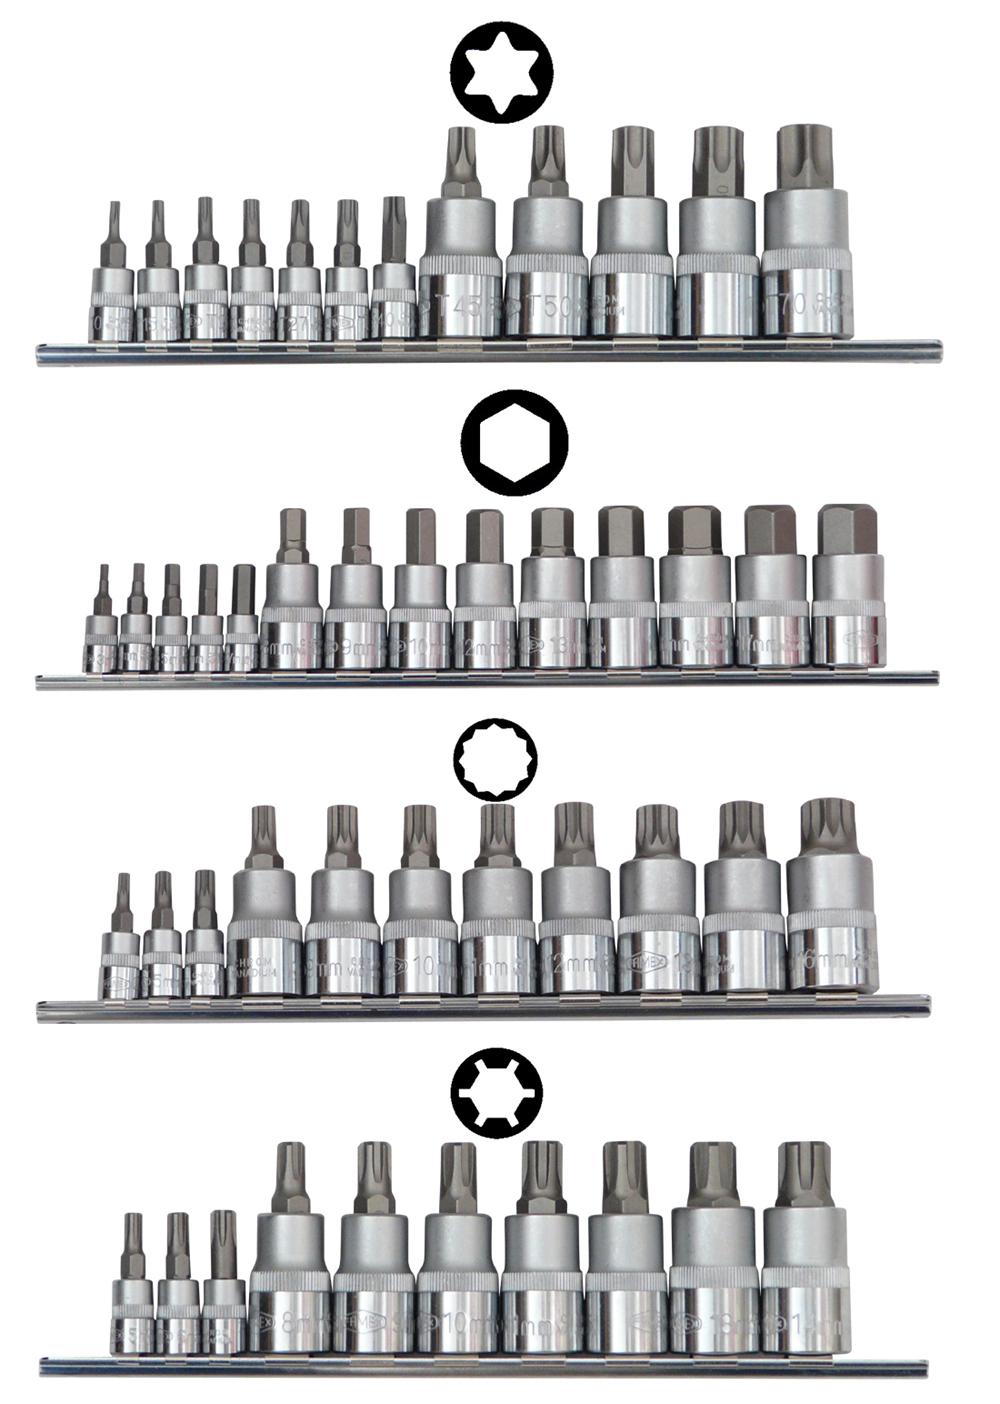 Relativ Famex Werkzeuge, Werkzeuge, Werkzeugkoffer, Werkzeugkasten KY65